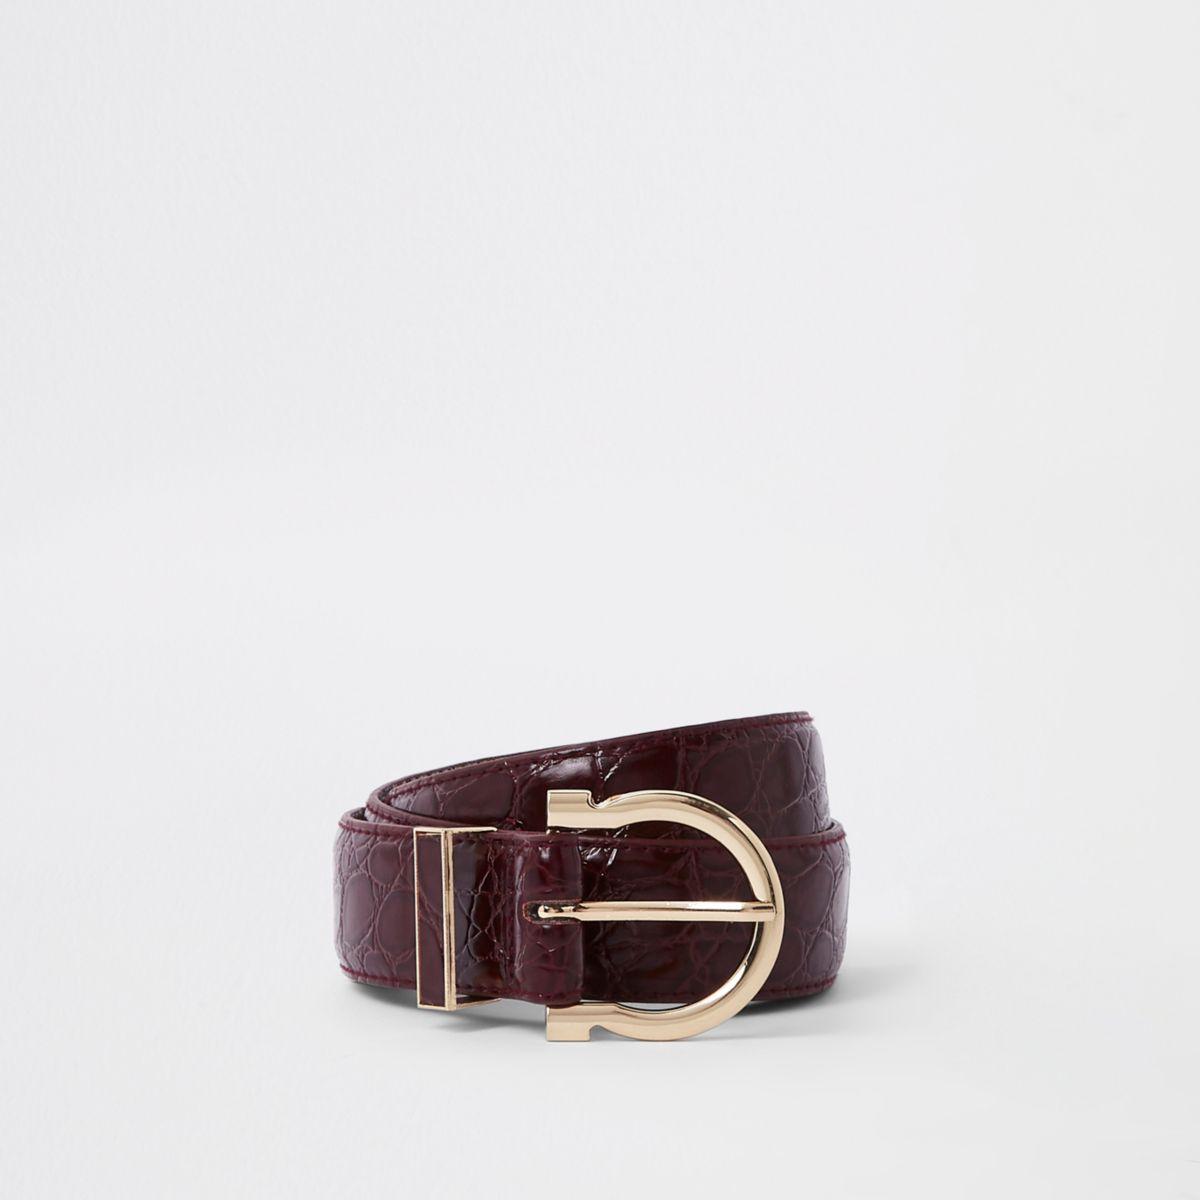 Dark red croc layered jeans belt